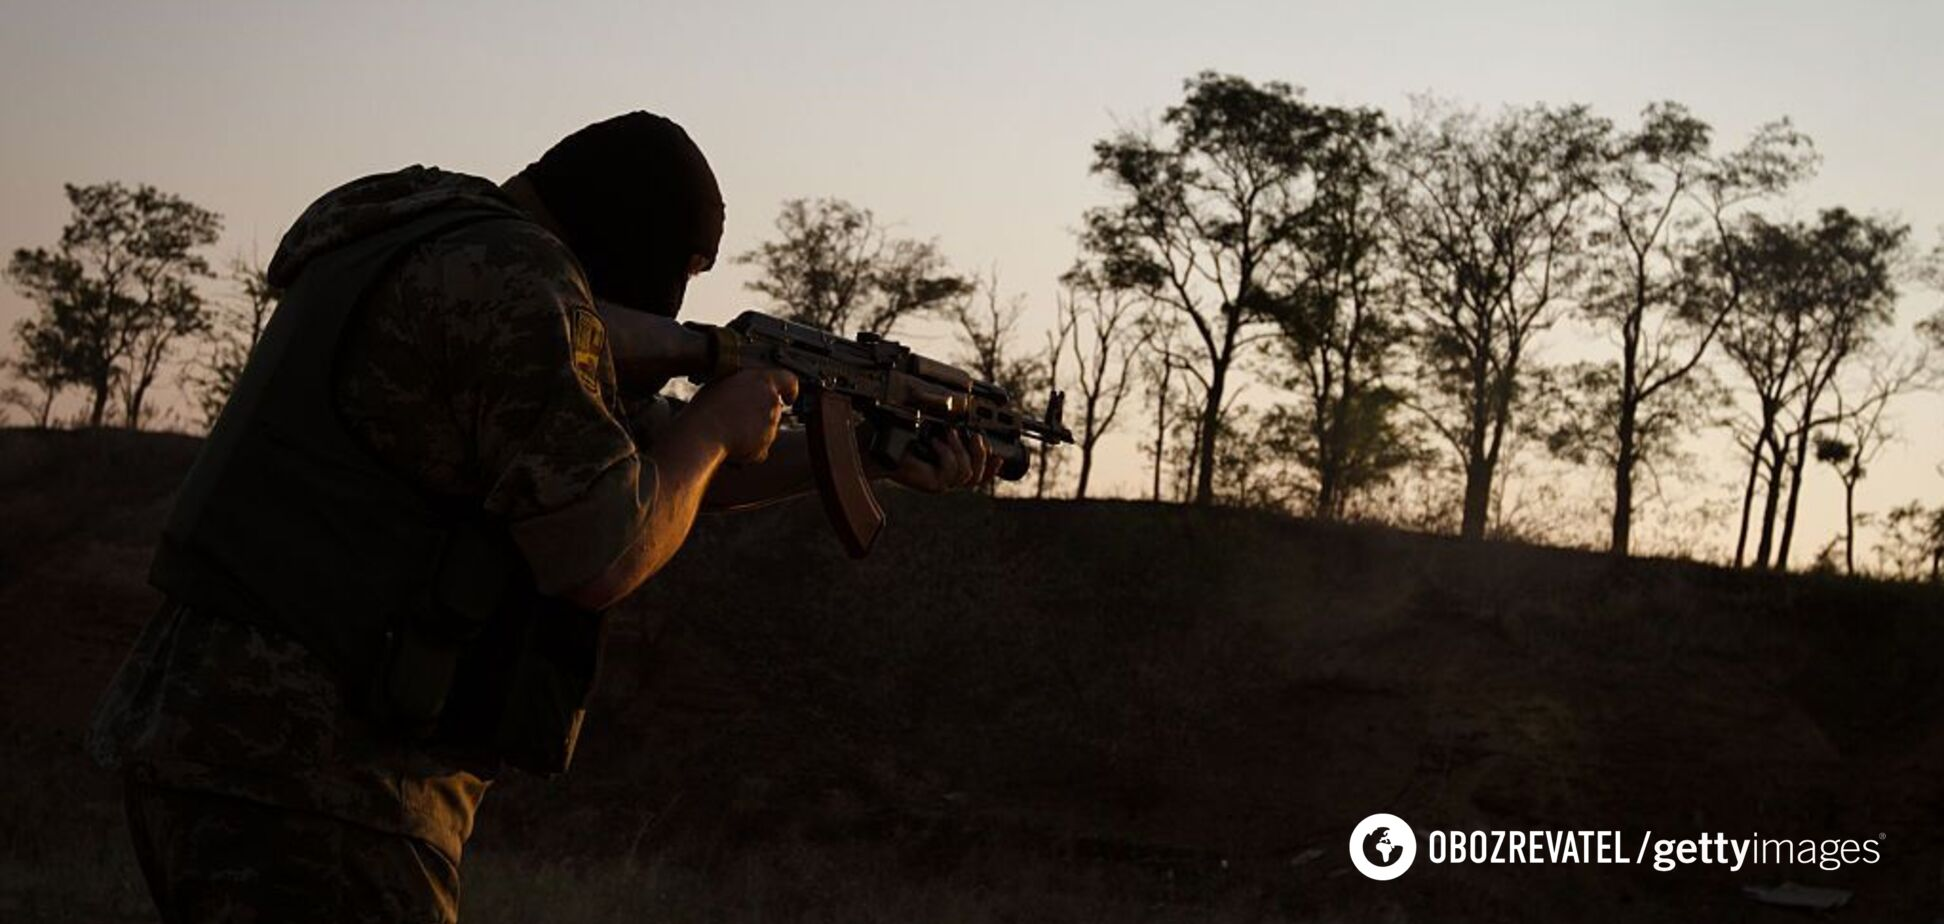 Еще один 200-й: офицер ВСУ показал очередного мертвого террориста 'ДНР'